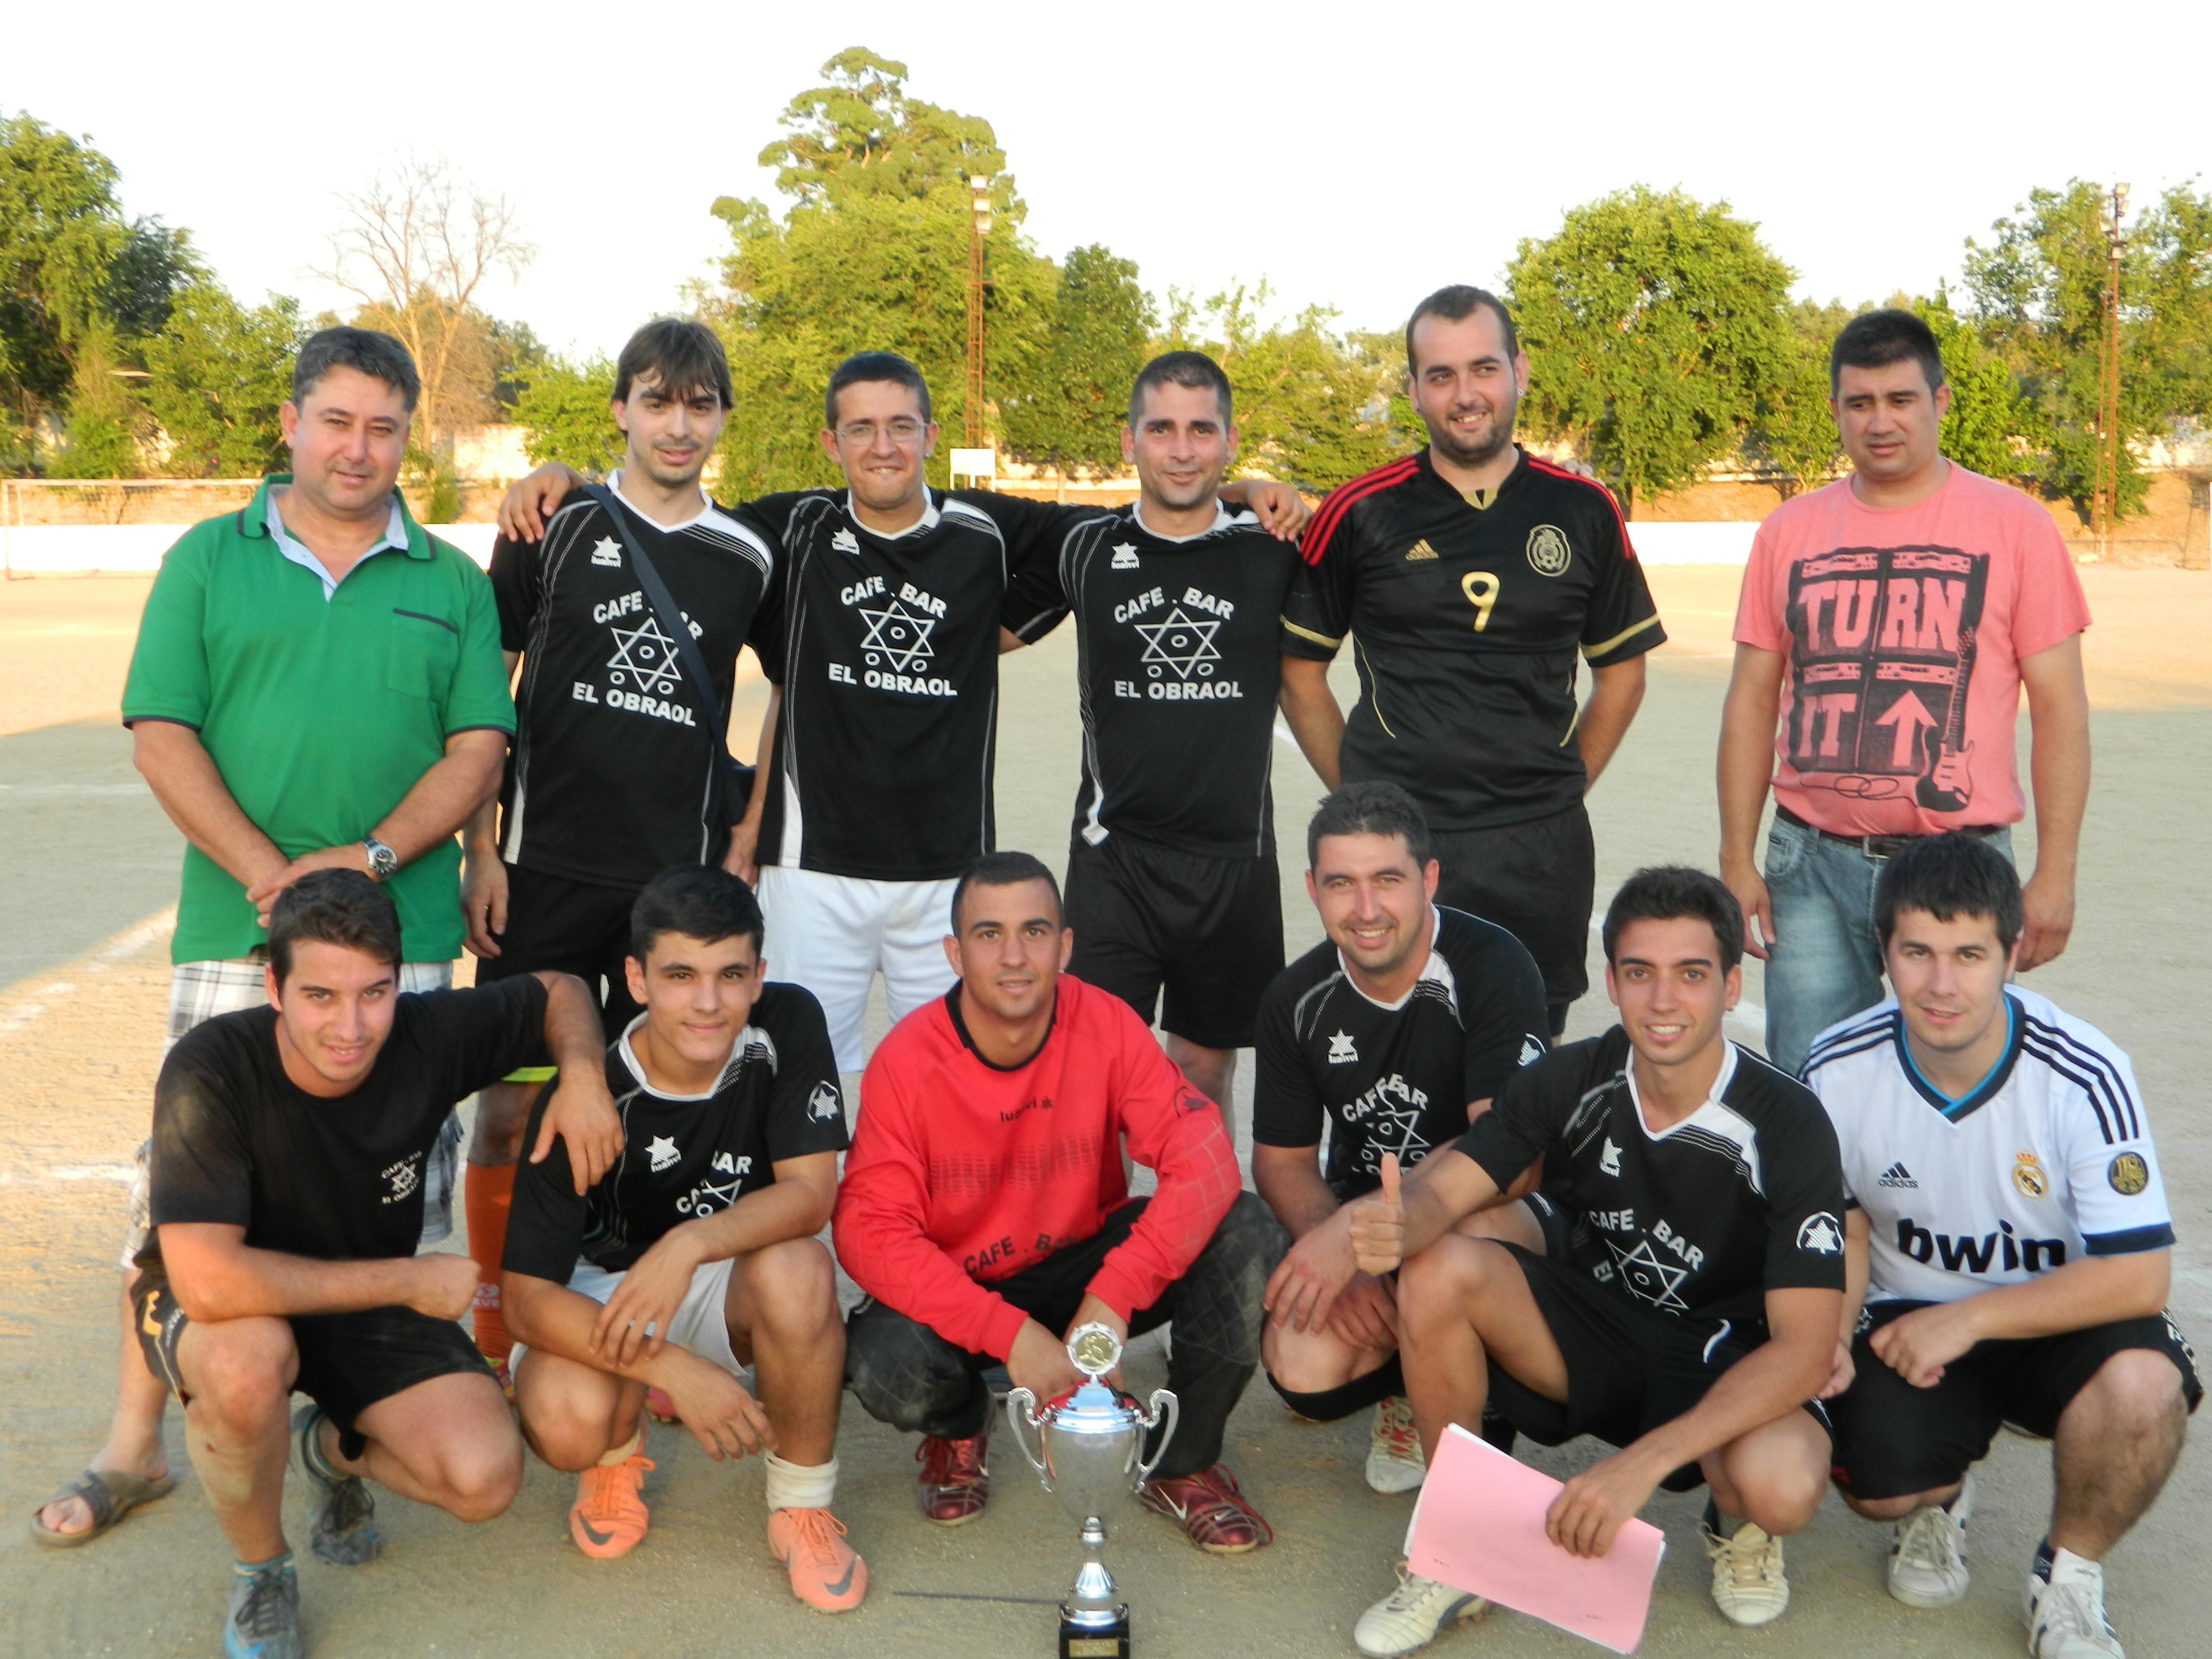 Bar Obraol / Deportes Clemente se proclama campeón de la X Copa Primavera de Fútbol 7